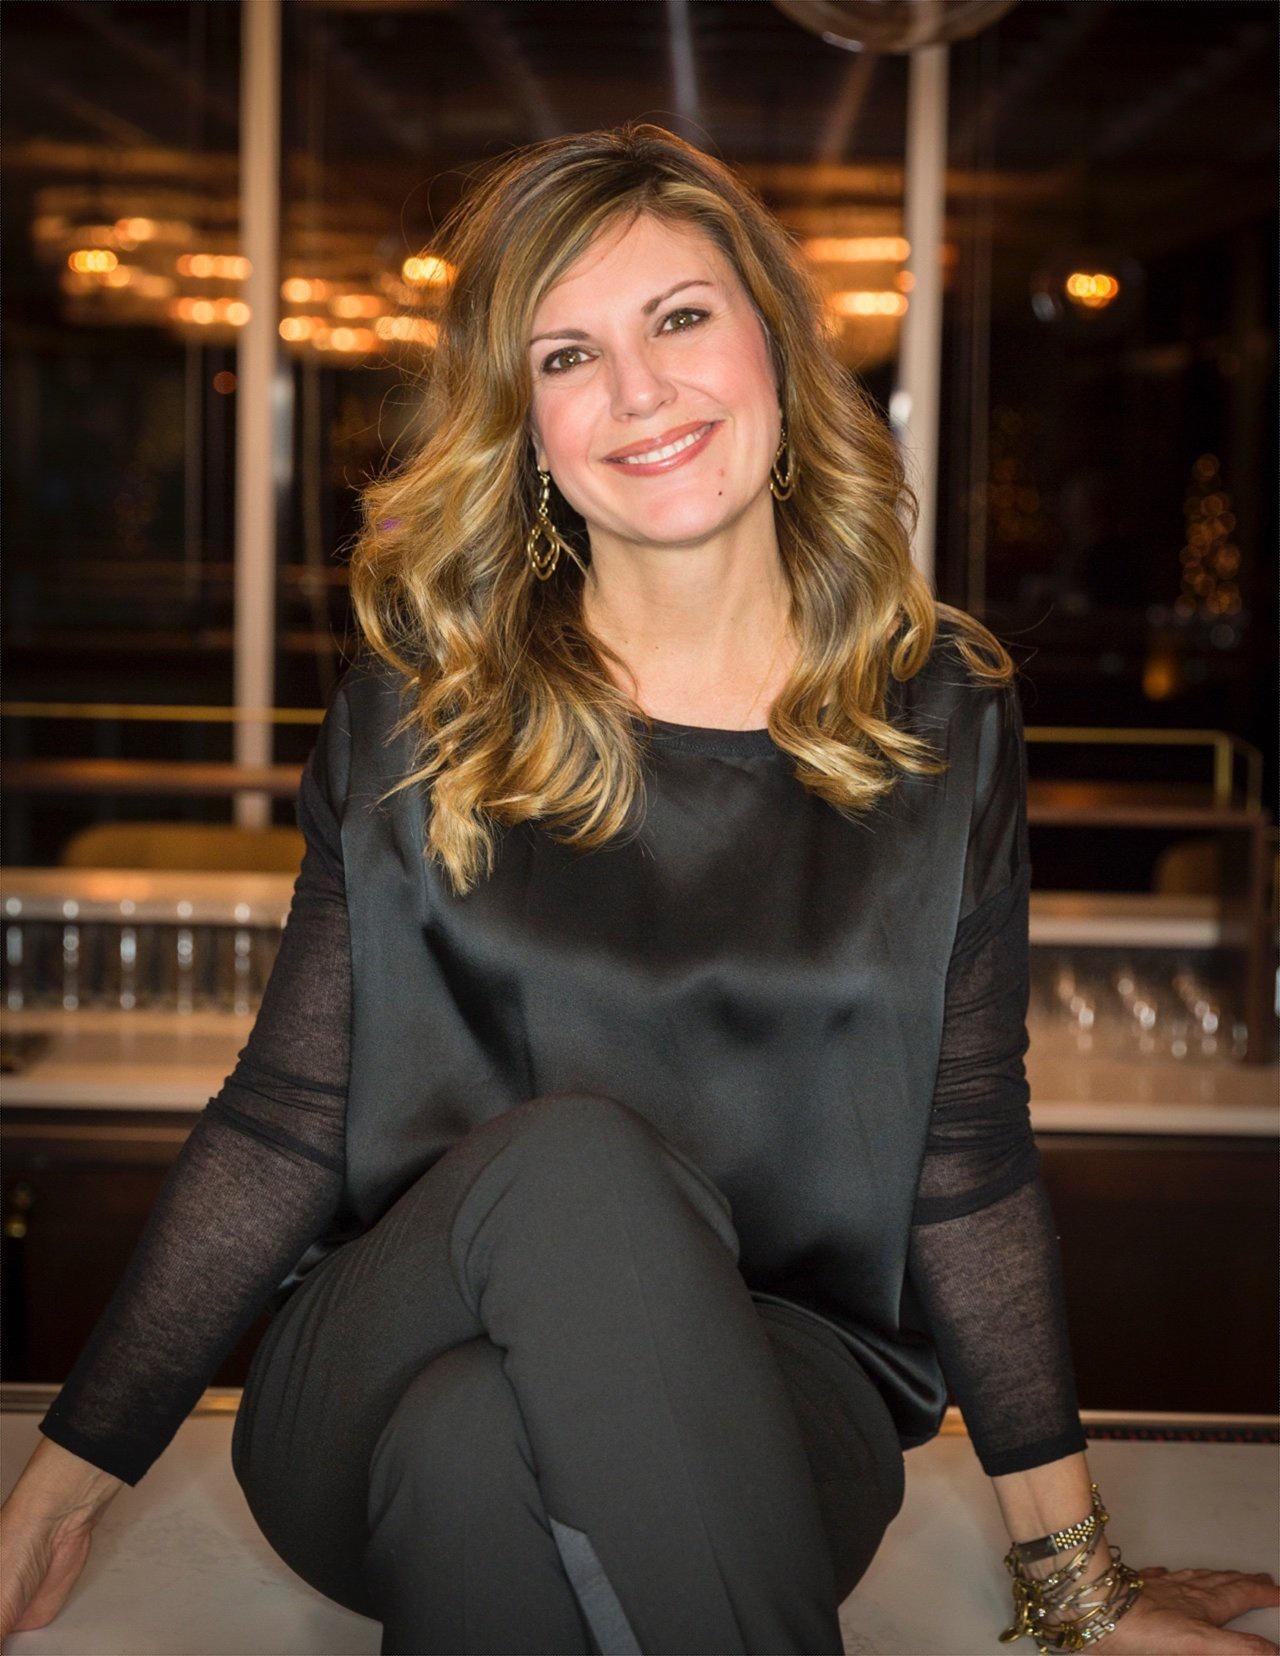 Wendy Ruehlmann Headshot 2019